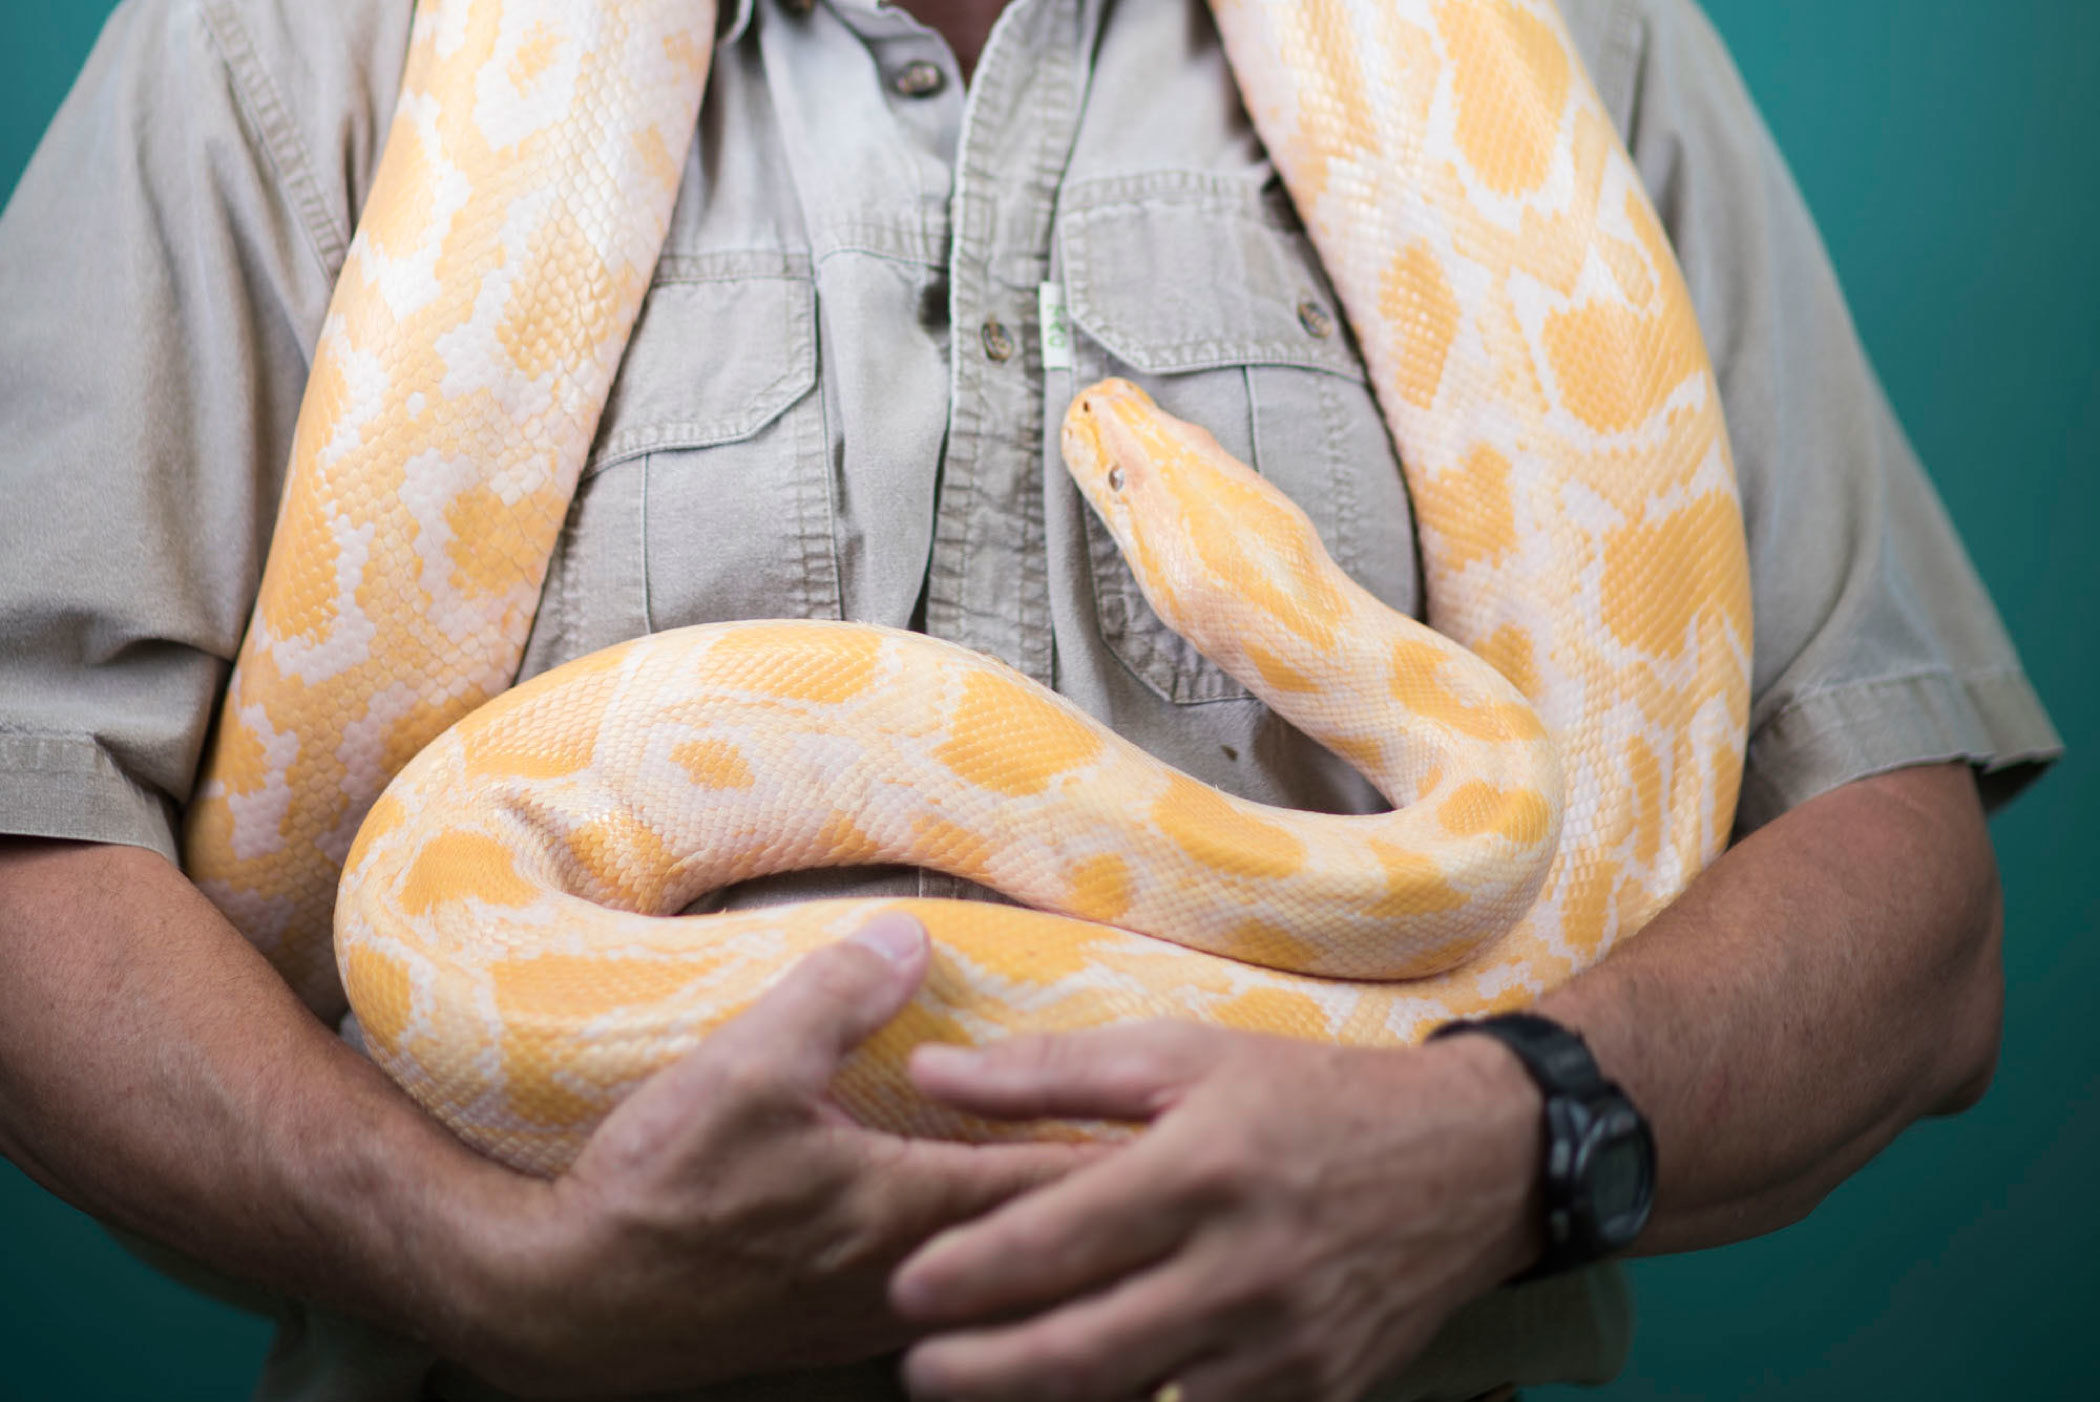 Snake charmer jnwlhf